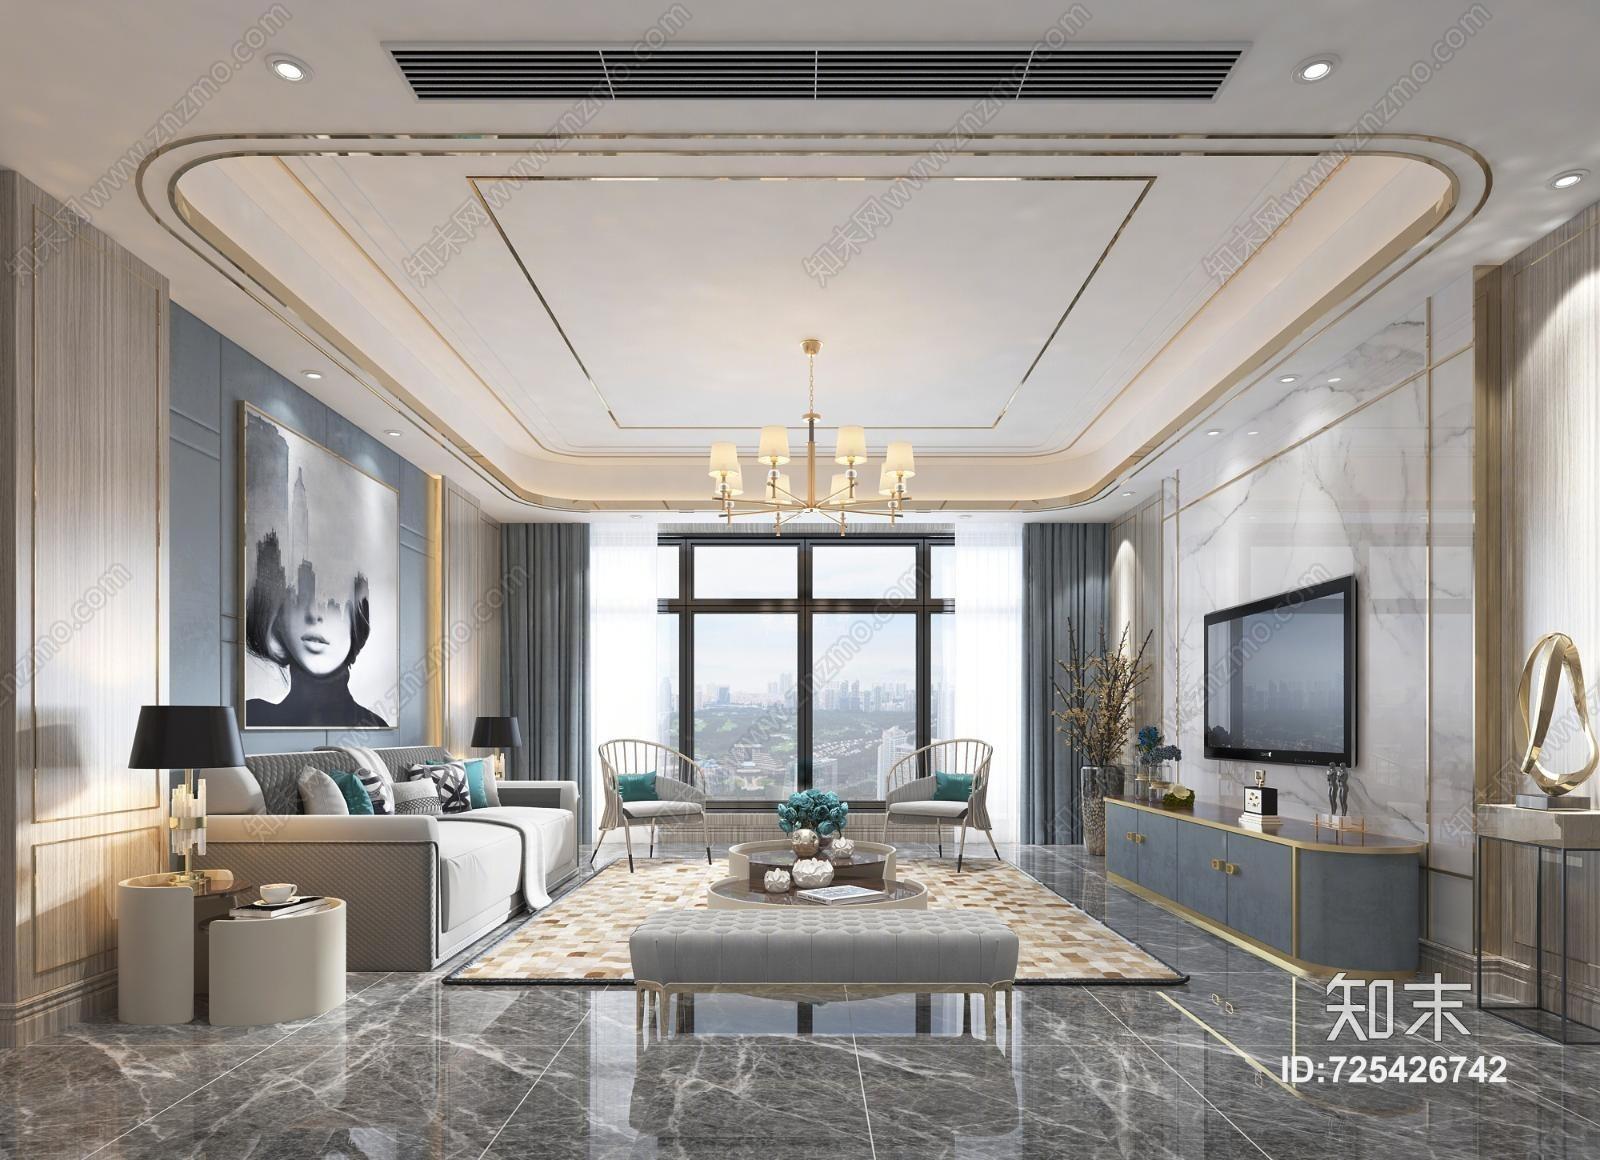 现代客厅 沙发茶几 吊灯 挂画 电视柜 摆件 餐桌椅